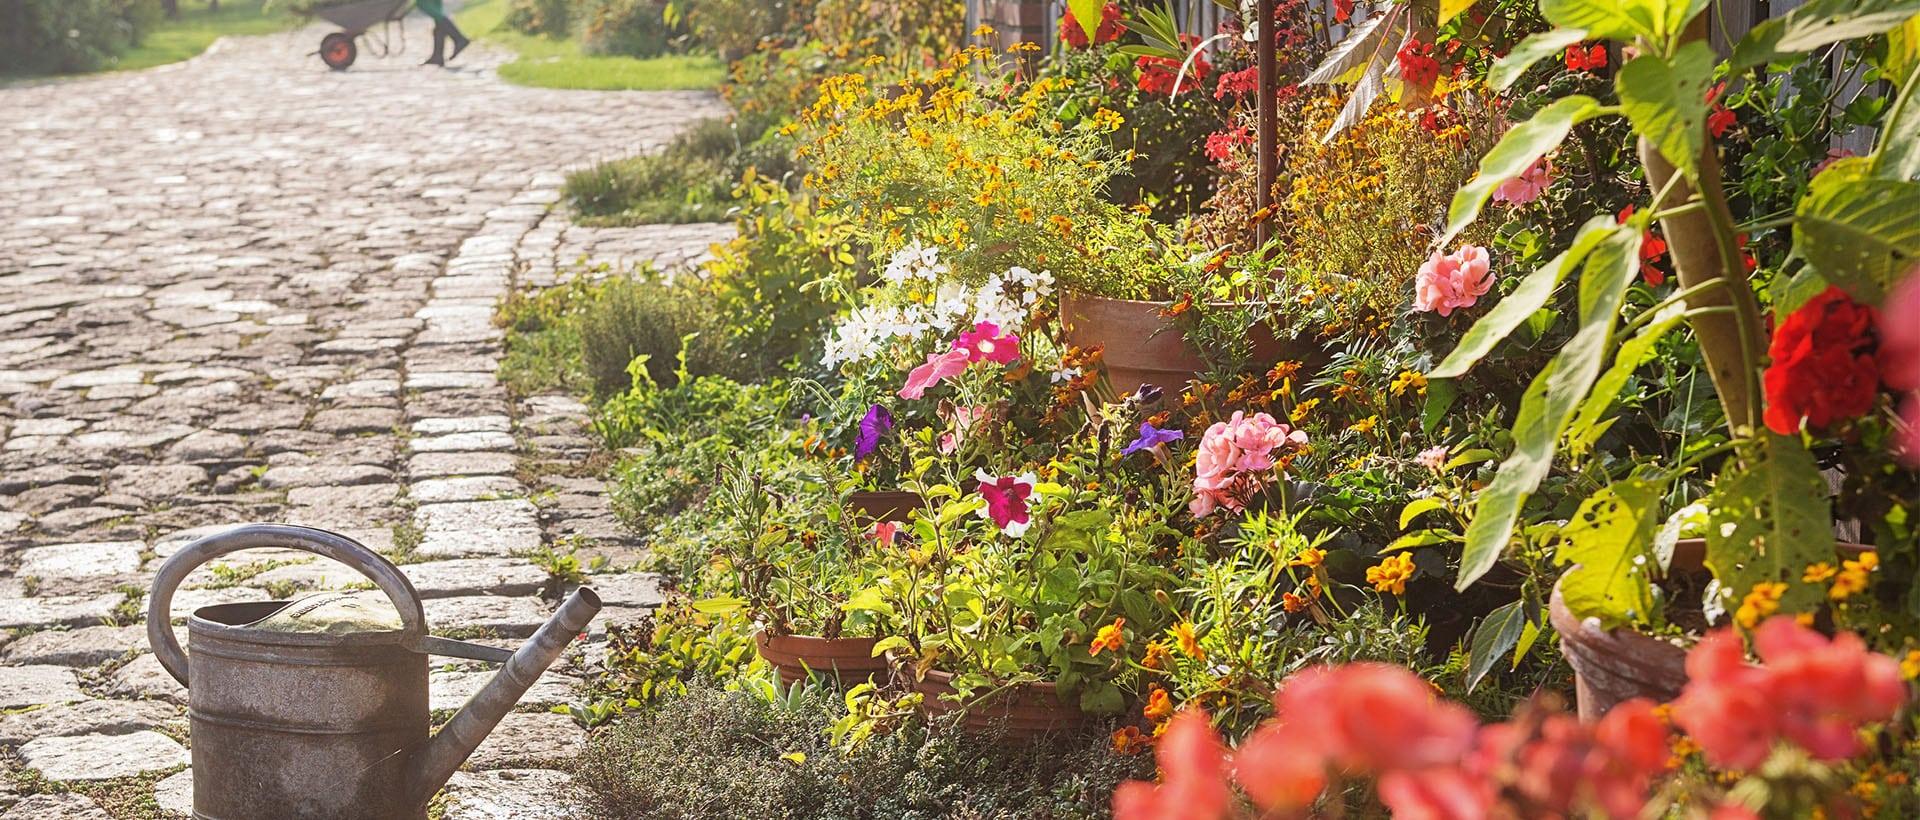 Bauerngarten Cottage Garten Anlegengestalten Tipps Zur Planung